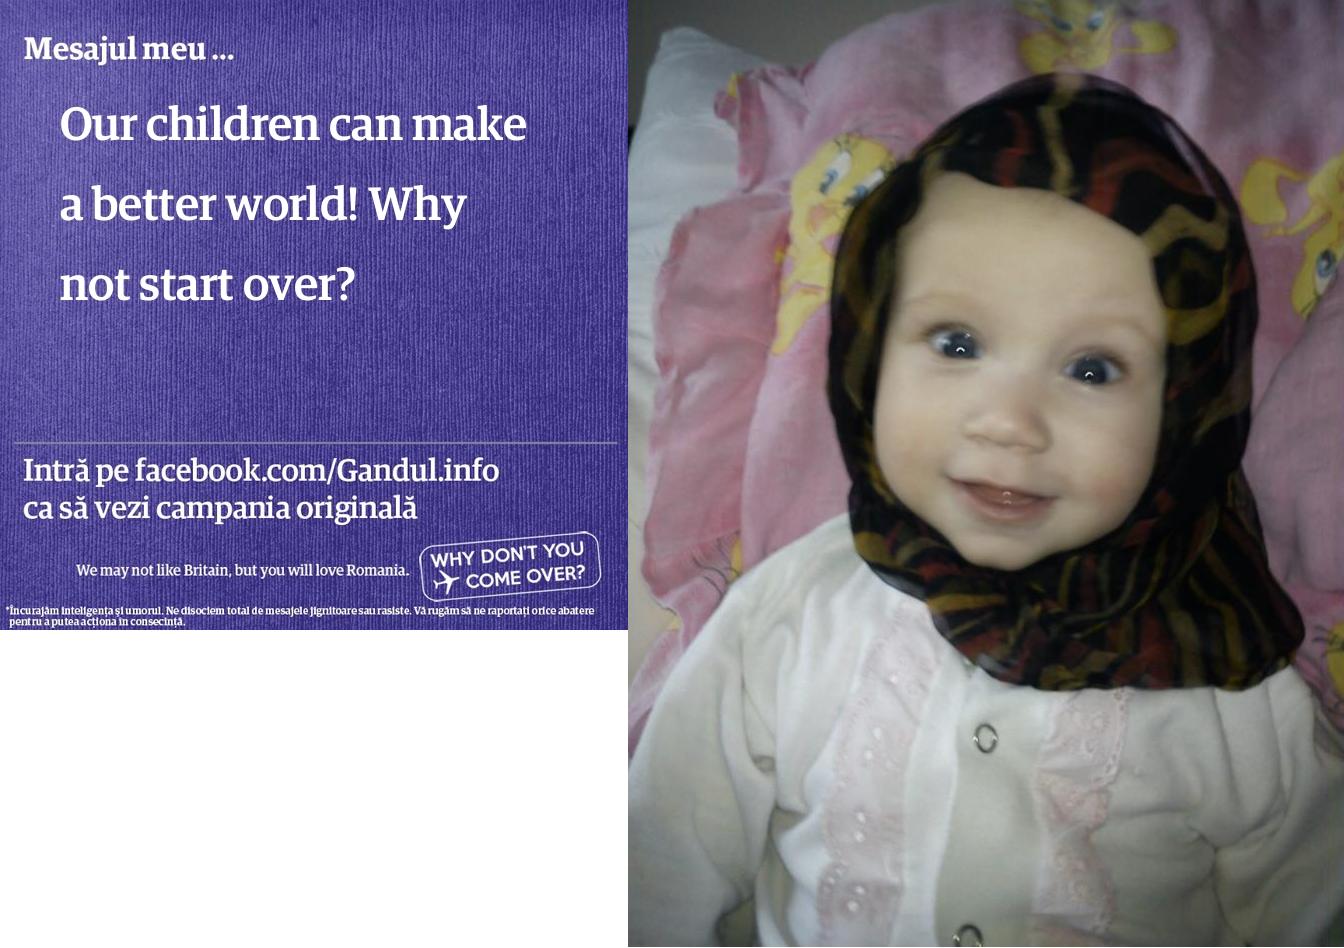 Copii pot face o lume mai buna